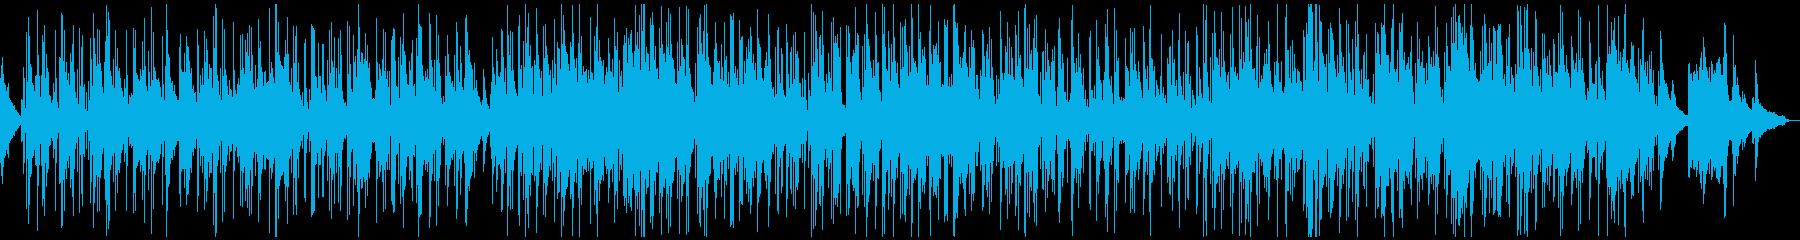 夜の渋くユルいおしゃれなピアノボサノバの再生済みの波形